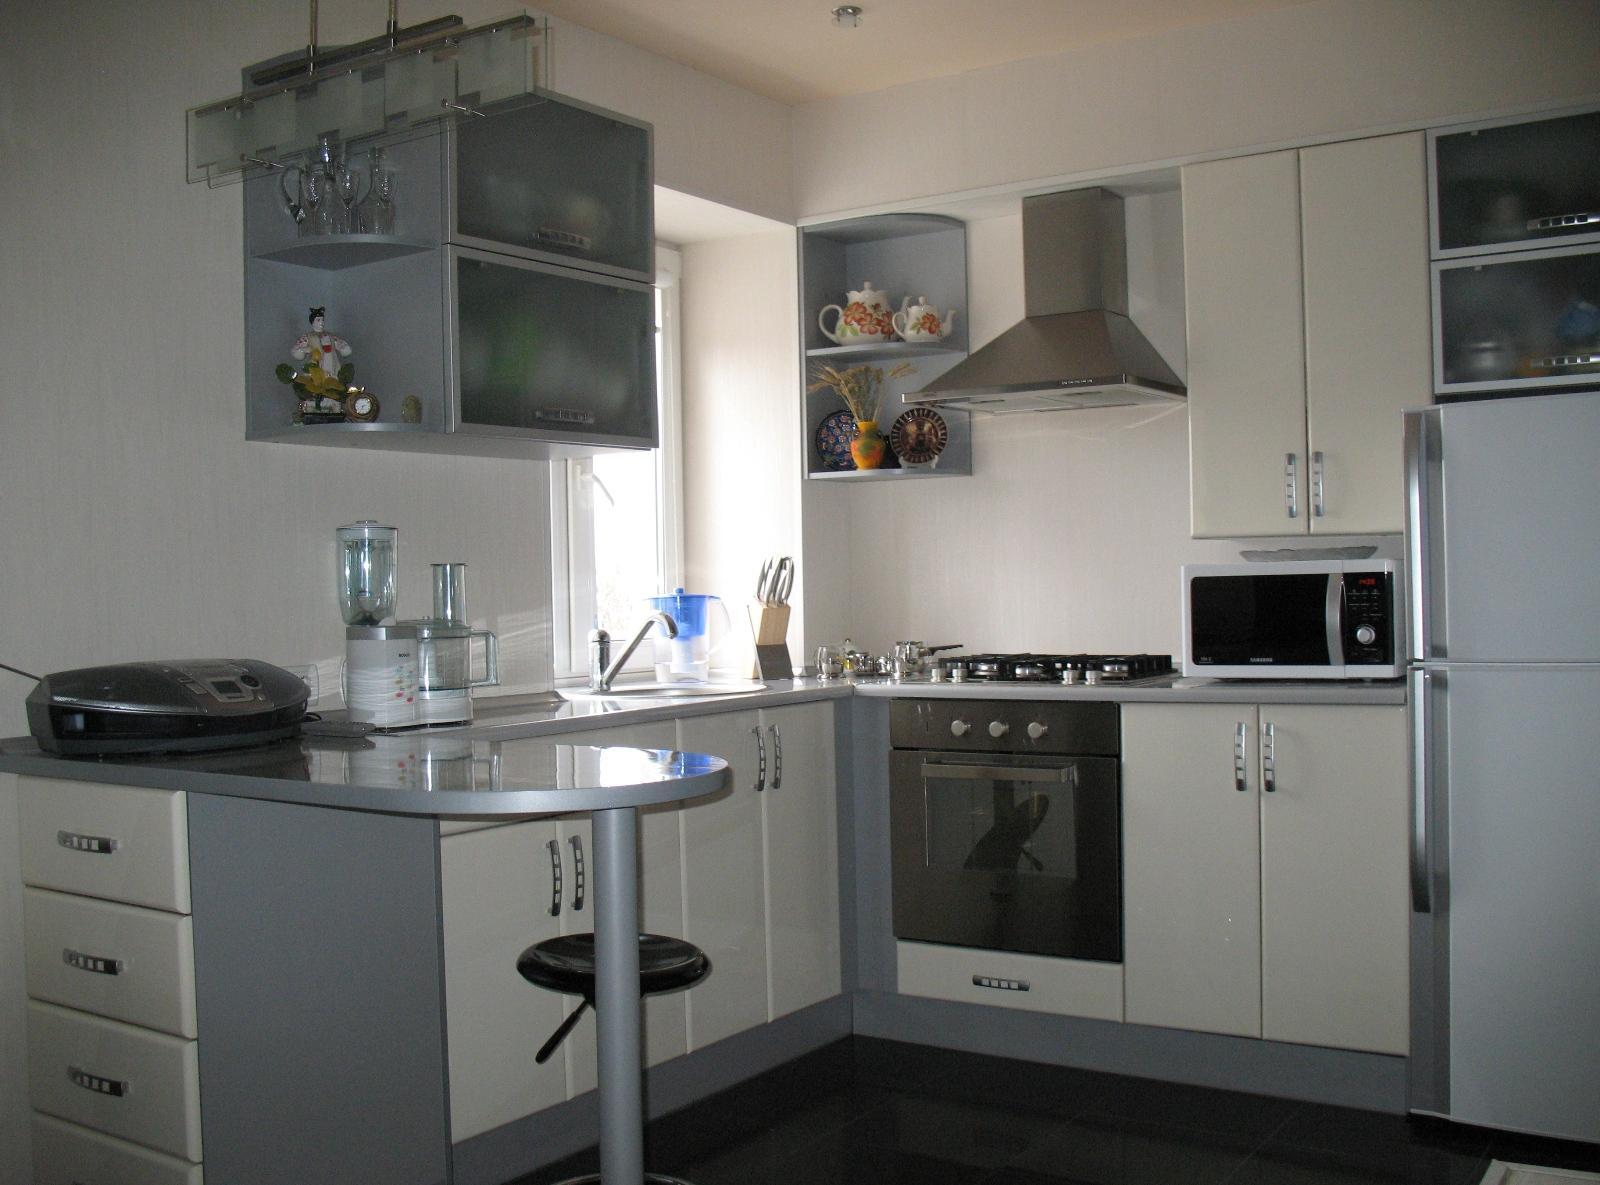 Линейное расположение холодильника на серой кухне